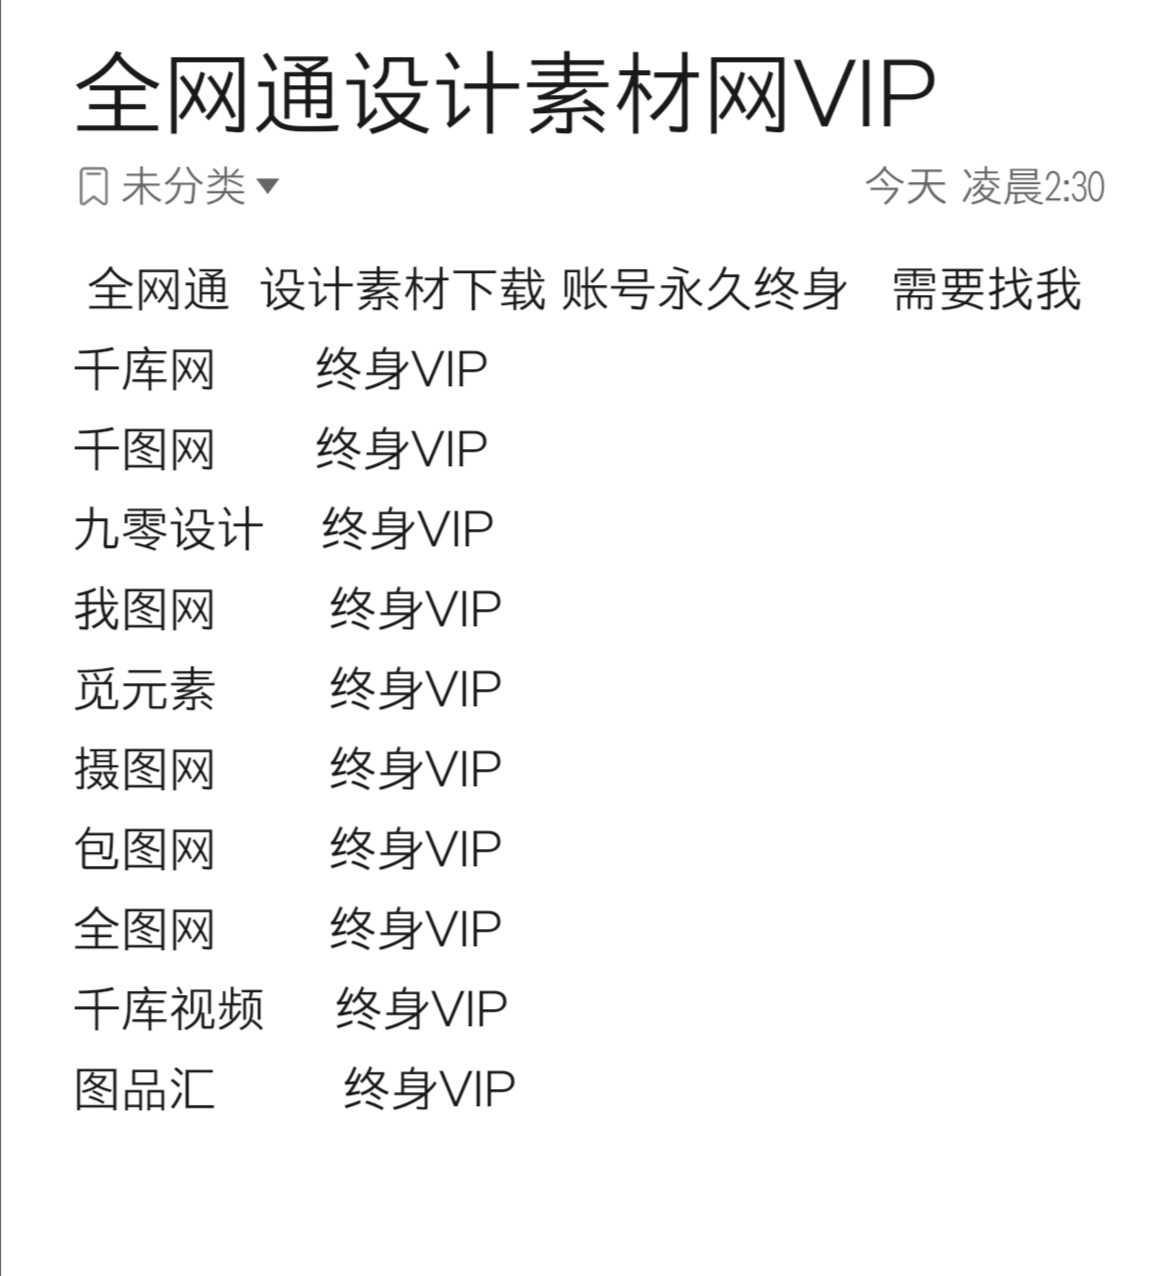 超值超划算/永久/终身VIP会员